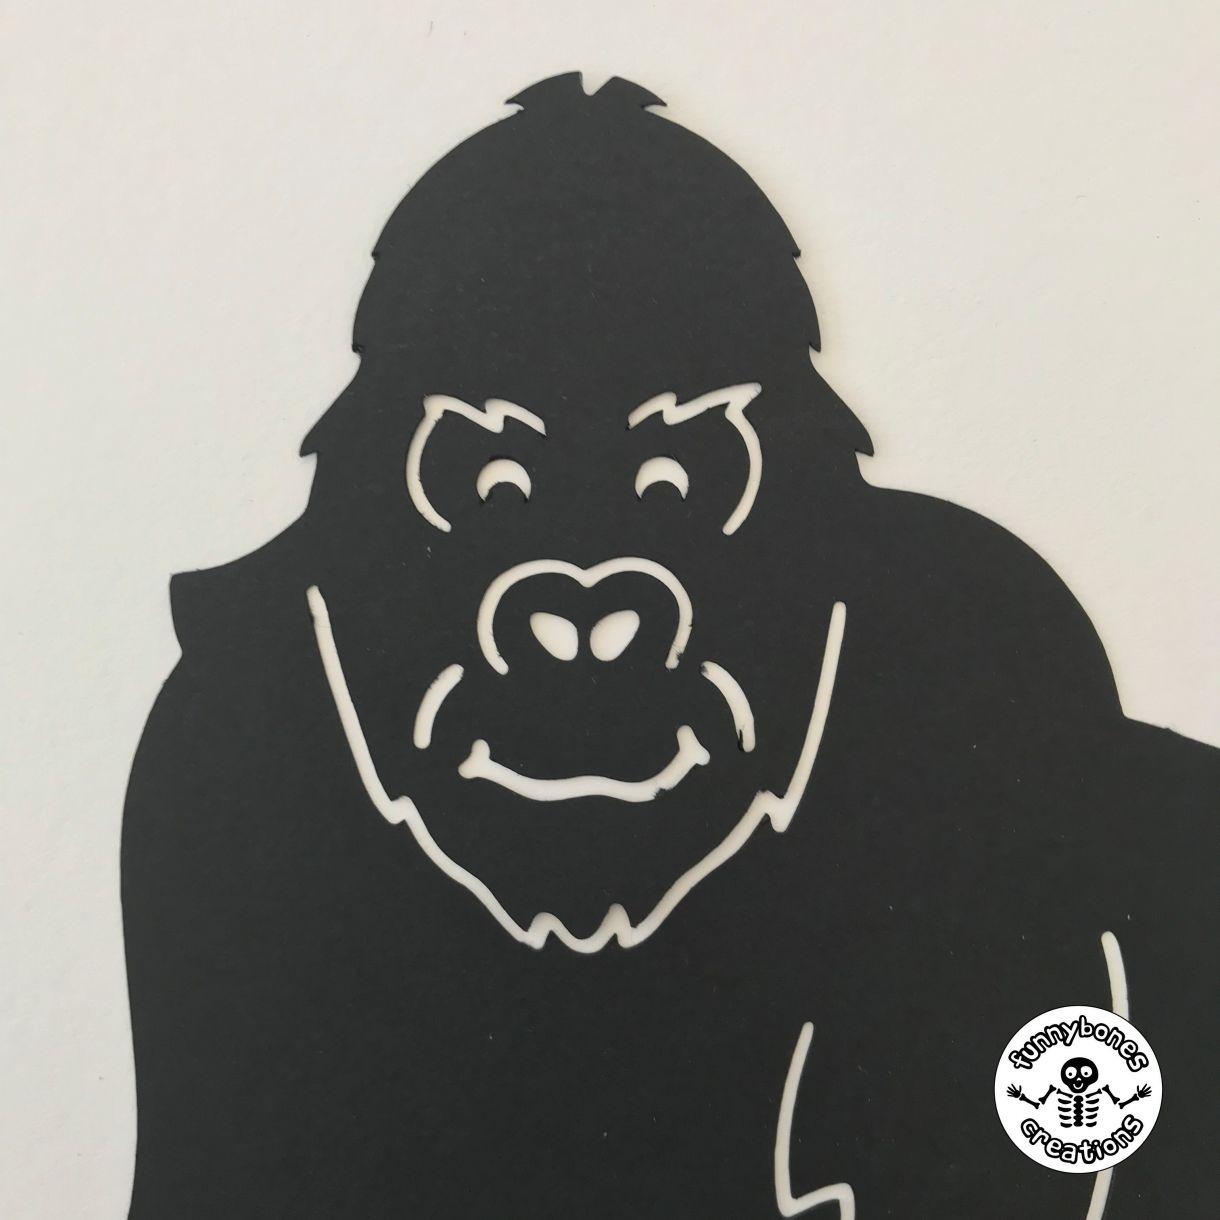 Paper gorilla